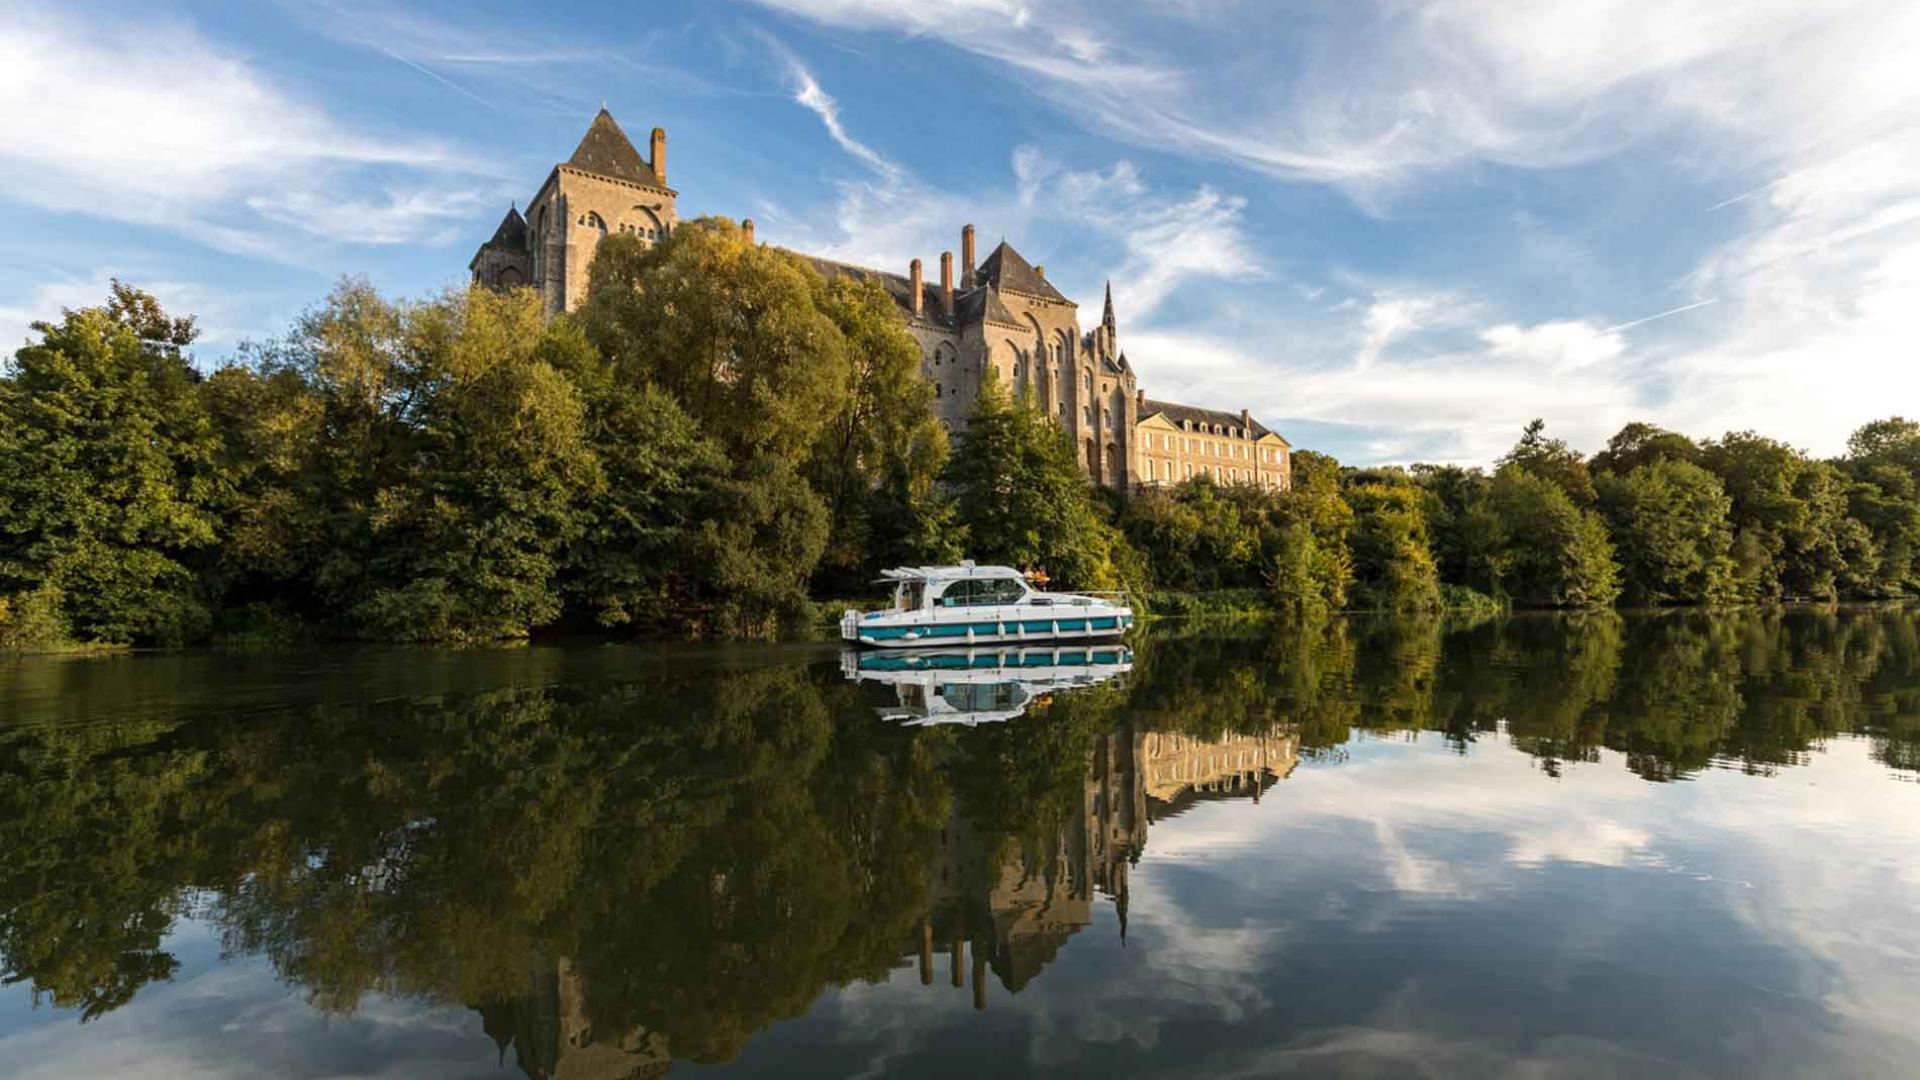 Bateau habitable d'Anjou Navigation passant devant l'Abbaye de Solesmes navigant sur la rivière Sarthe